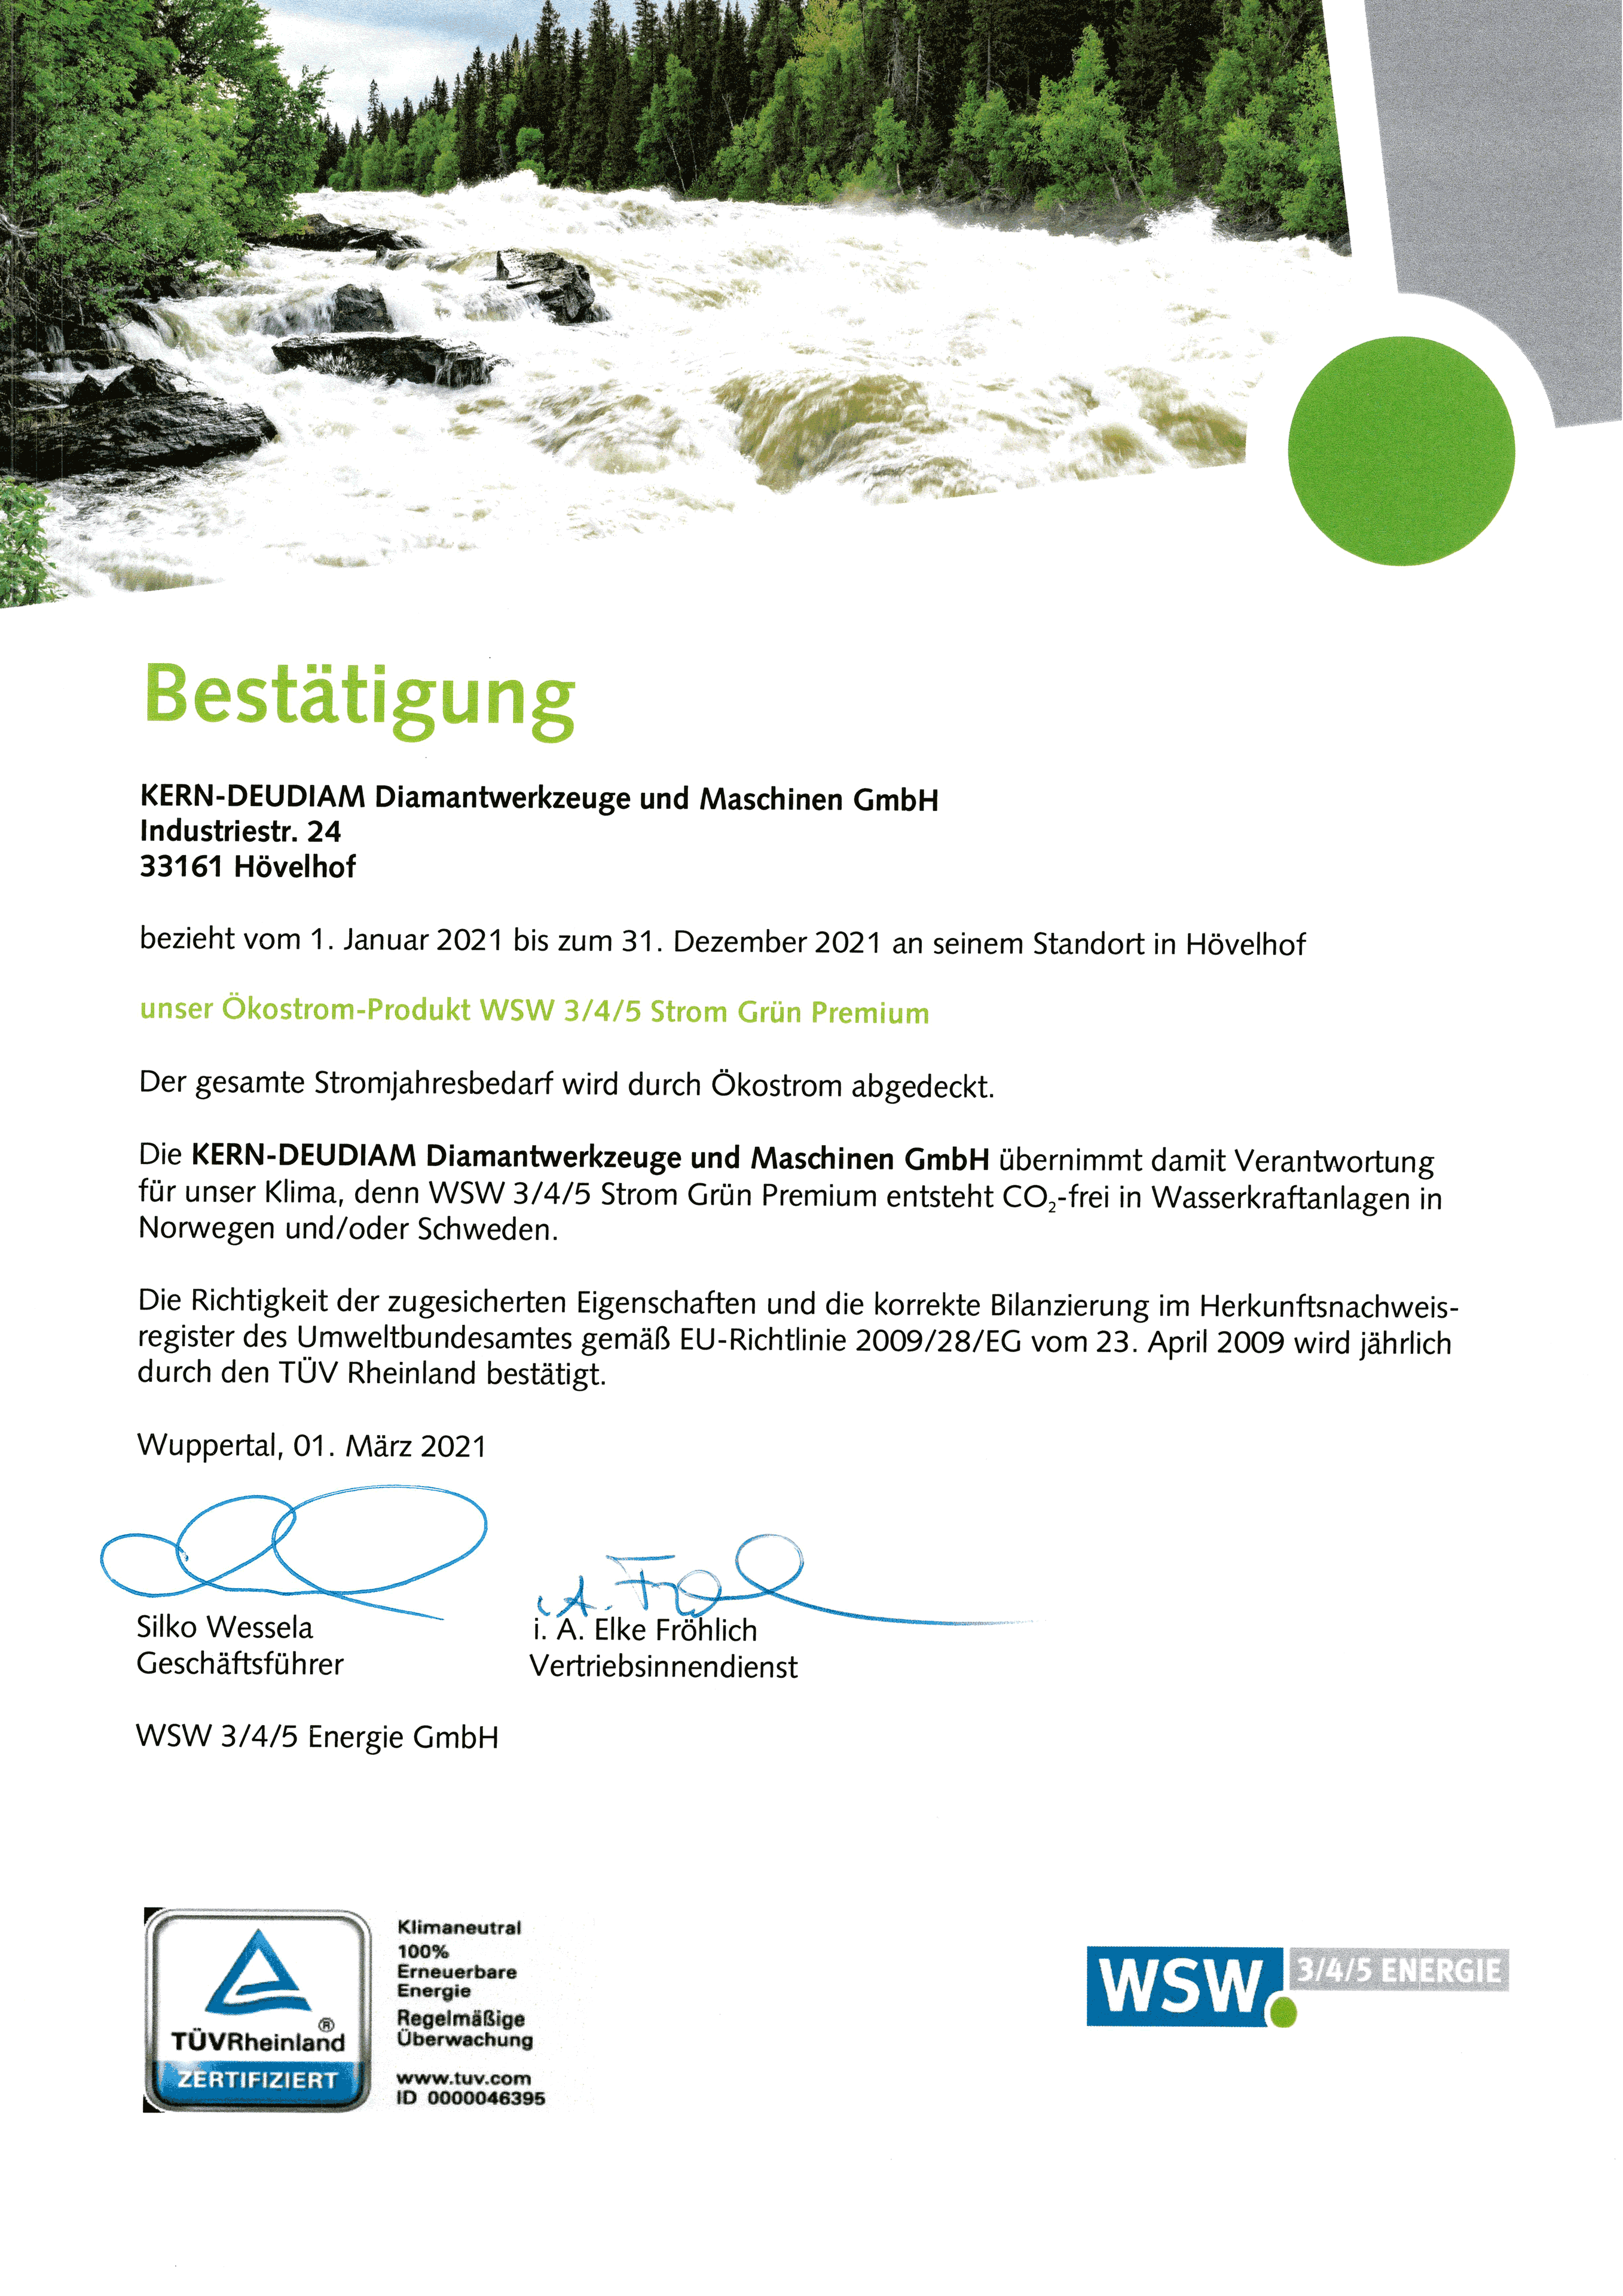 KERN-DEUDIAM bezieht Ökostrom - Der gesamte Stromjahresbedarf wird durch Ökostrom (WSW 3/4/5 Strom Grün Premium) abgedeckt.